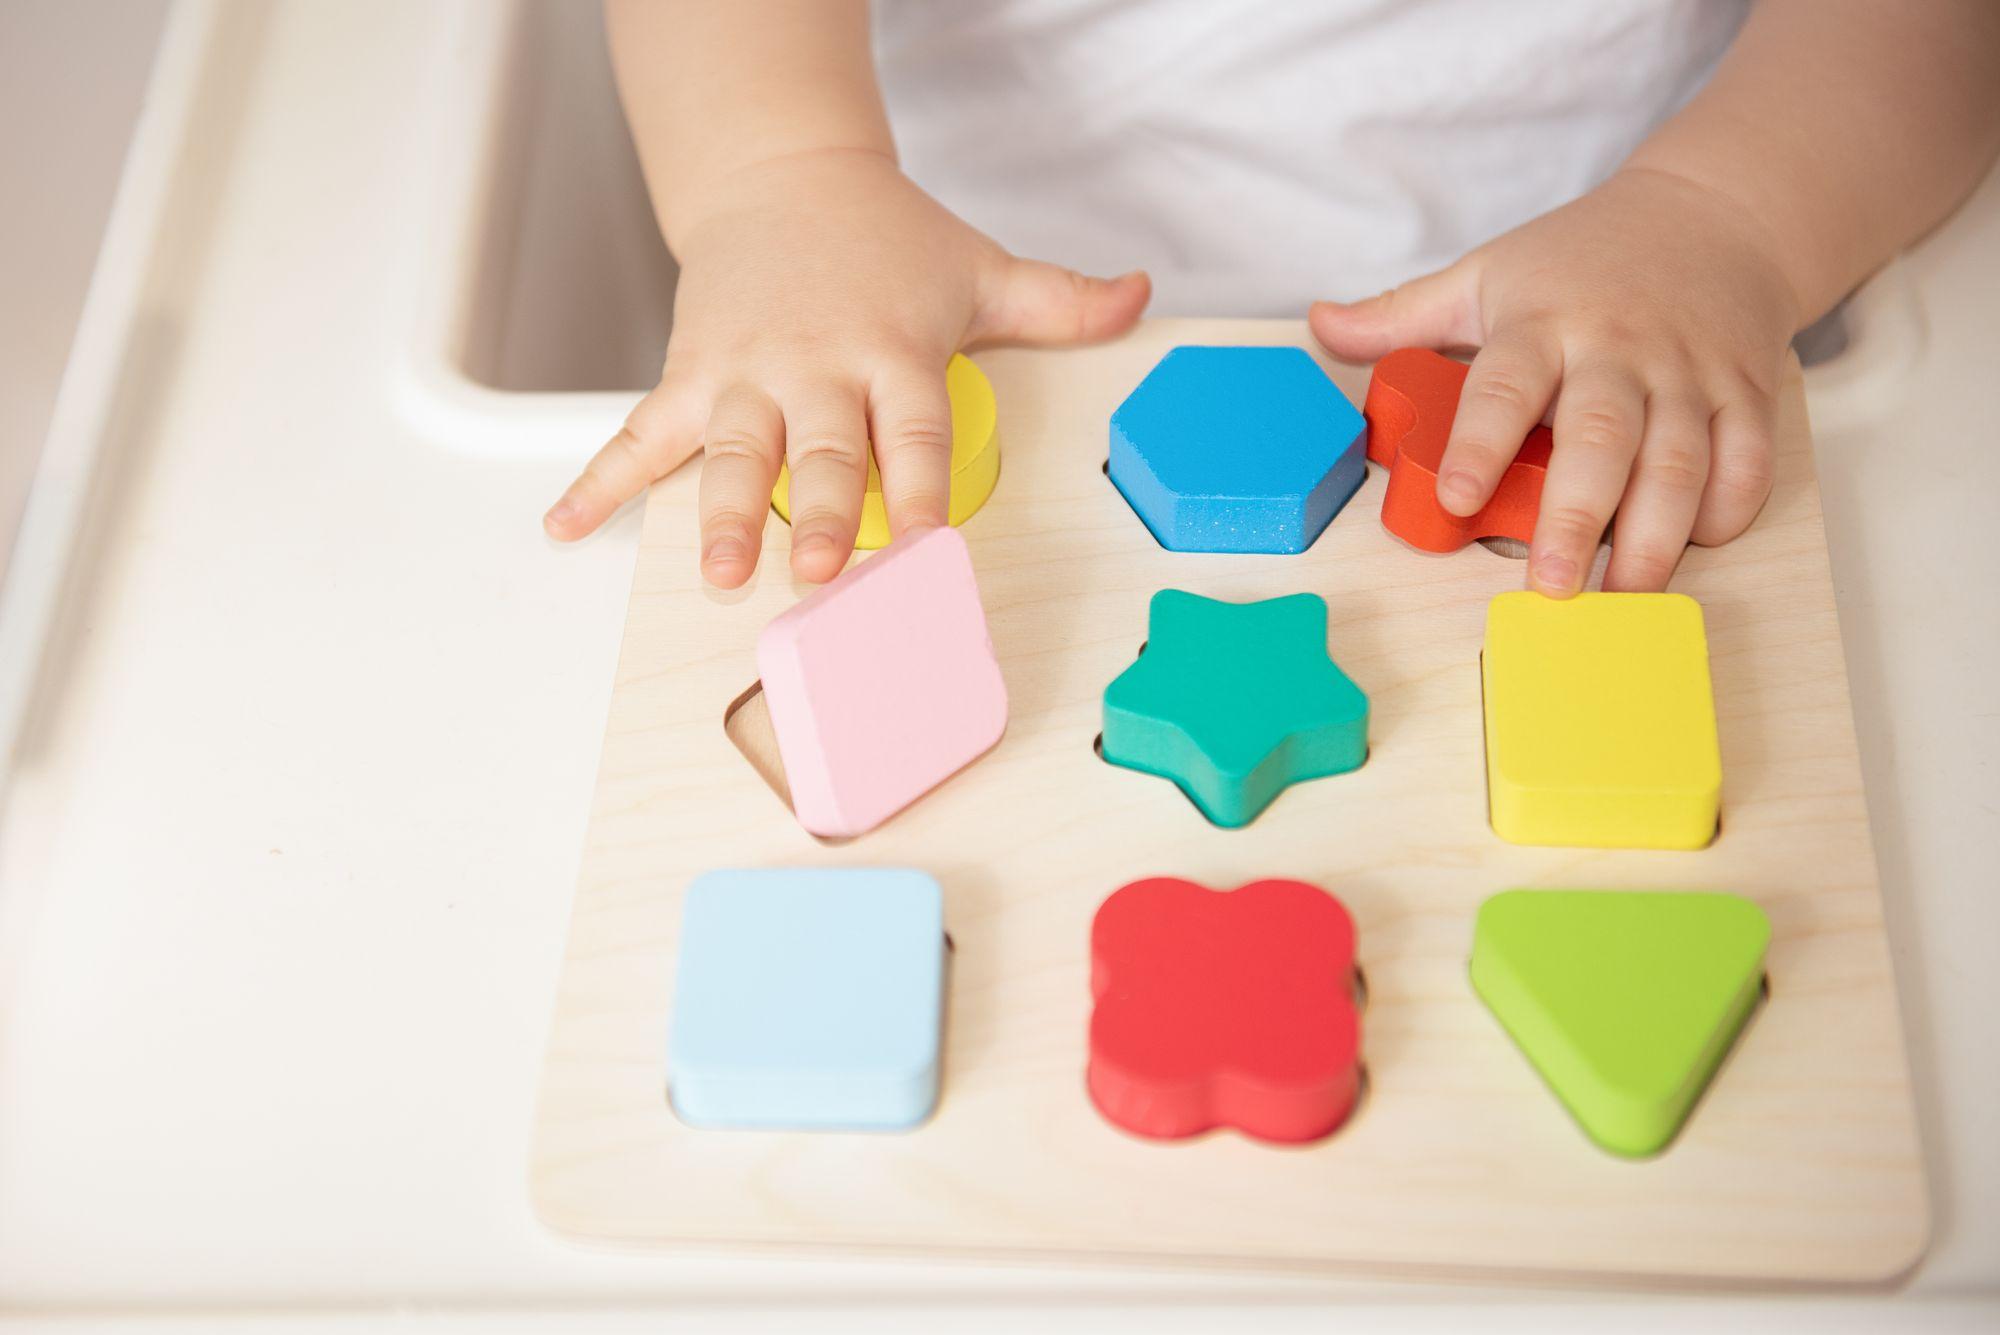 Co sprzedawać w 2021 - zabawki edukacyjne